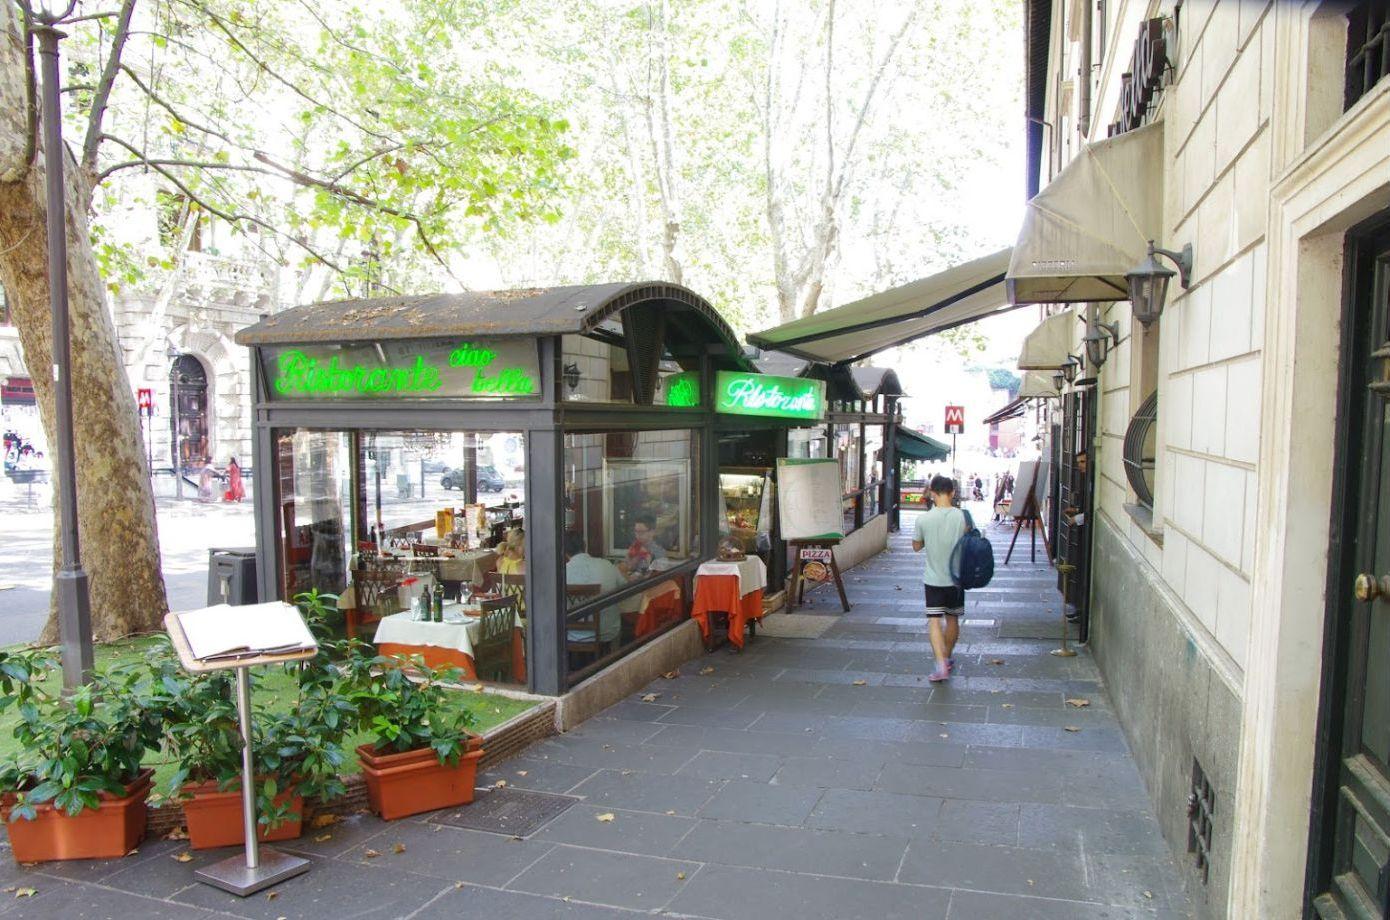 Ресторан «Ciao Bella» в Риме